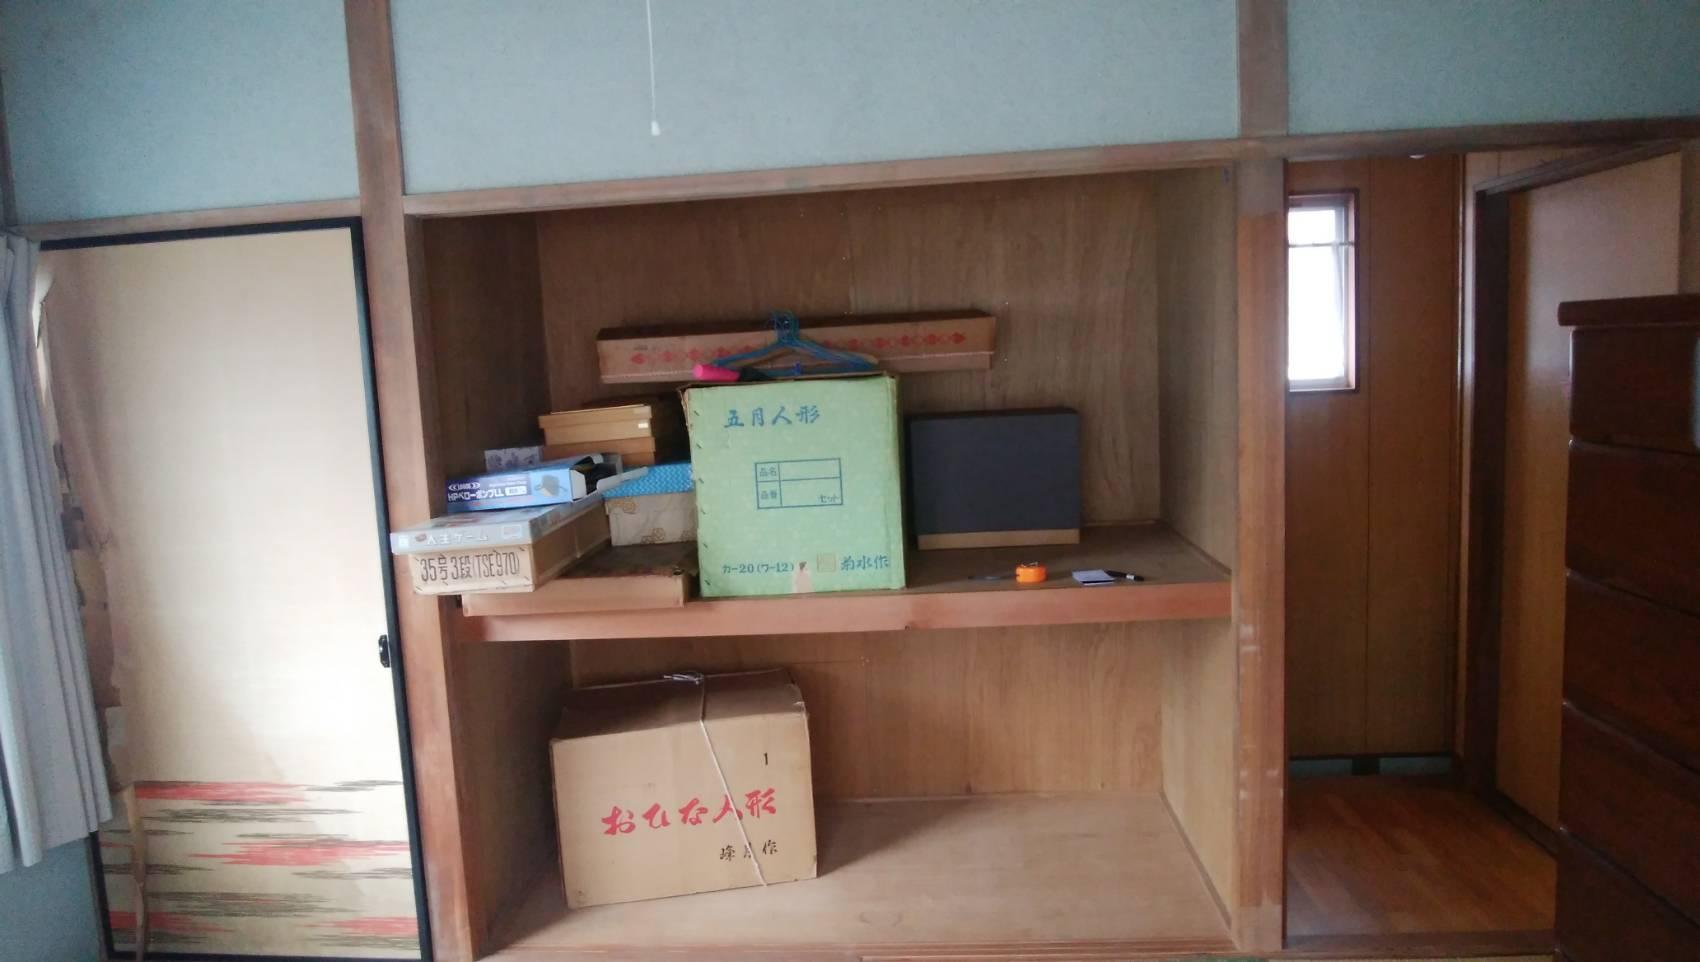 ギャラリーパティオの和室⇒洋室 リフォーム リビング建材編の施工前の写真1